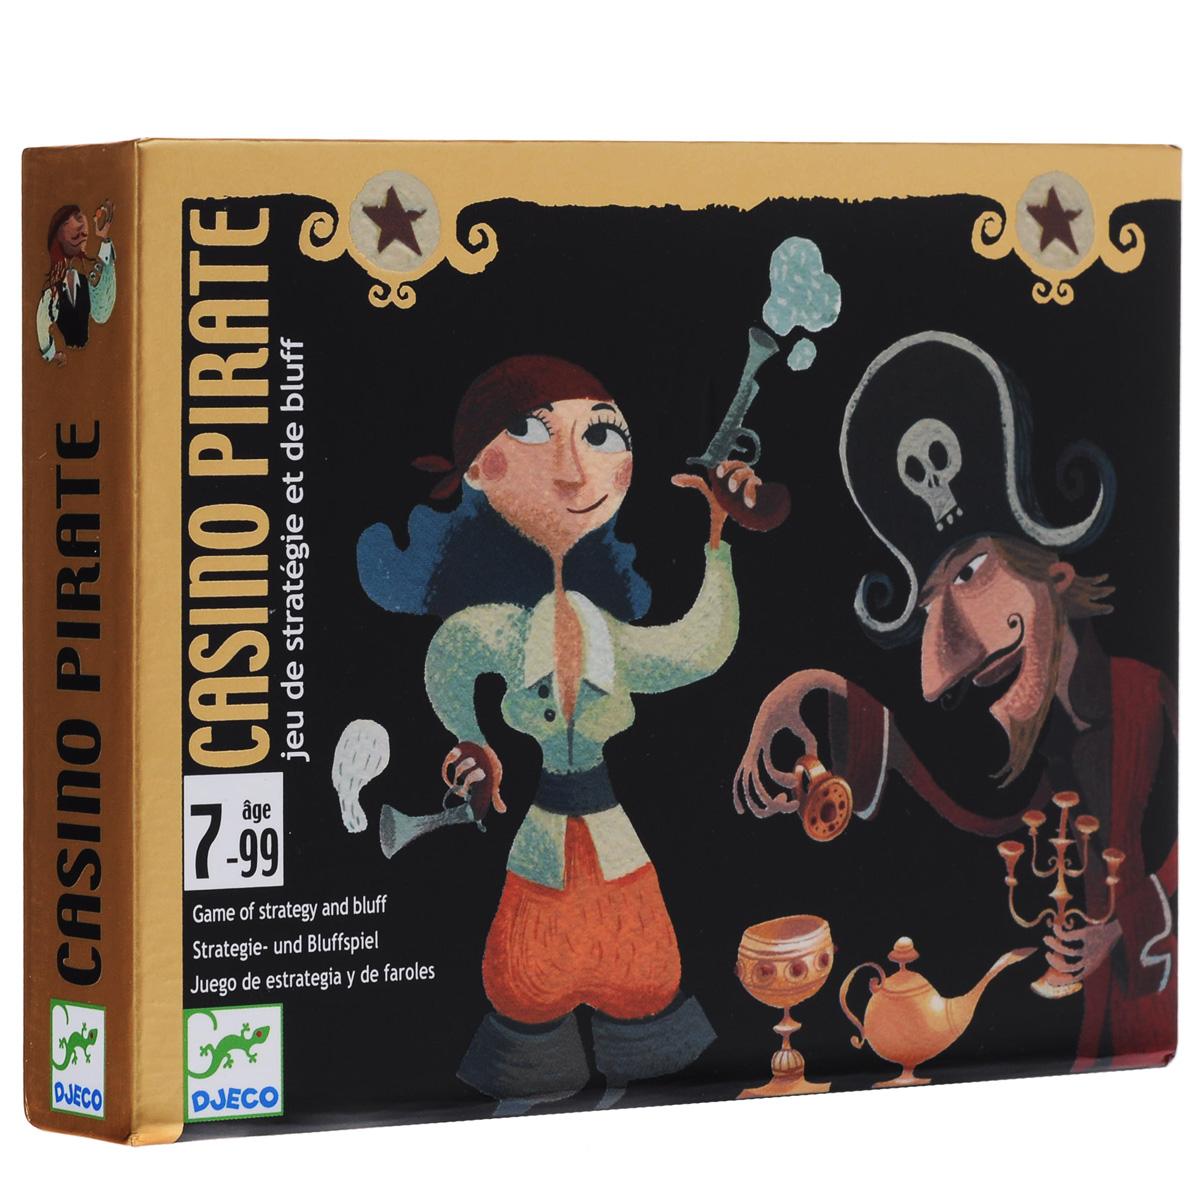 Карточная игра Djeco Пиратское казино05167Карточная игра Пиратское казино - веселый, интересный и красочный способ развлечения для маленьких непосед. Игровая колода состоит из 44 карт, за каждую из которых назначена определенная цена (0,5 до 7 очков), а также 50 фишек для ставок. Всем частникам раздается по одной карте, после чего ведущий выдает желающим дополнительные карты. Цель игры – требуя у ведущего карточки, собрать 7,5 очков и получить за это двойную ставку. Ведущий, не только внимательно следит за ходом игровых событий, но и сам принимает участие в развлечении, пытаясь также набрать 7,5 очков, но открытыми картами. Победу в пиратском соревновании одерживает тот, кто соберет больше всего фишек.